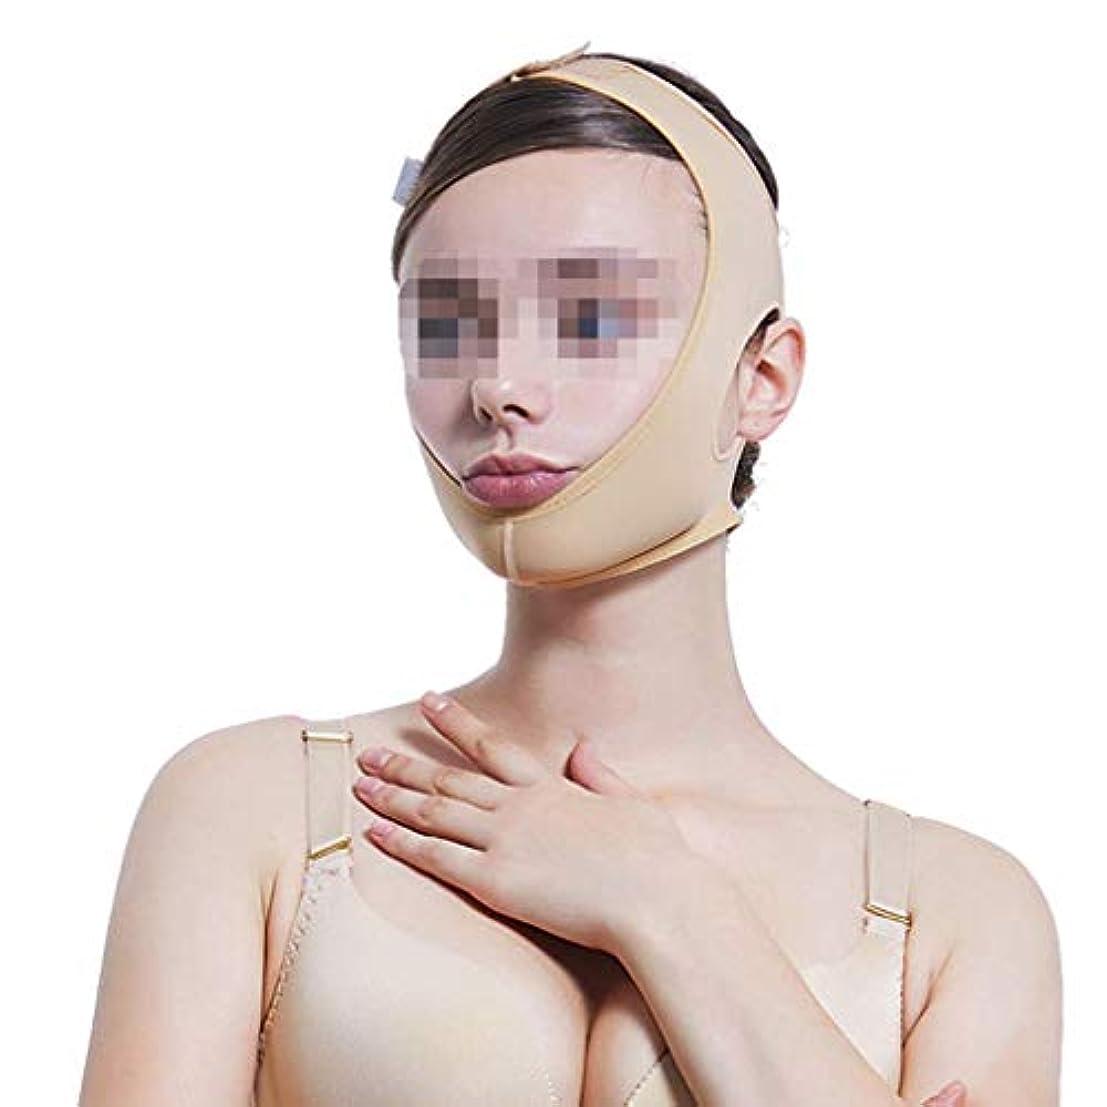 テンションエントリグレービームフェイス弾性ヘッドギア、ダブルあごのあごのセットをマスクの後に線彫り薄いフェイス包帯マルチサイズオプション(サイズ:XS),XS